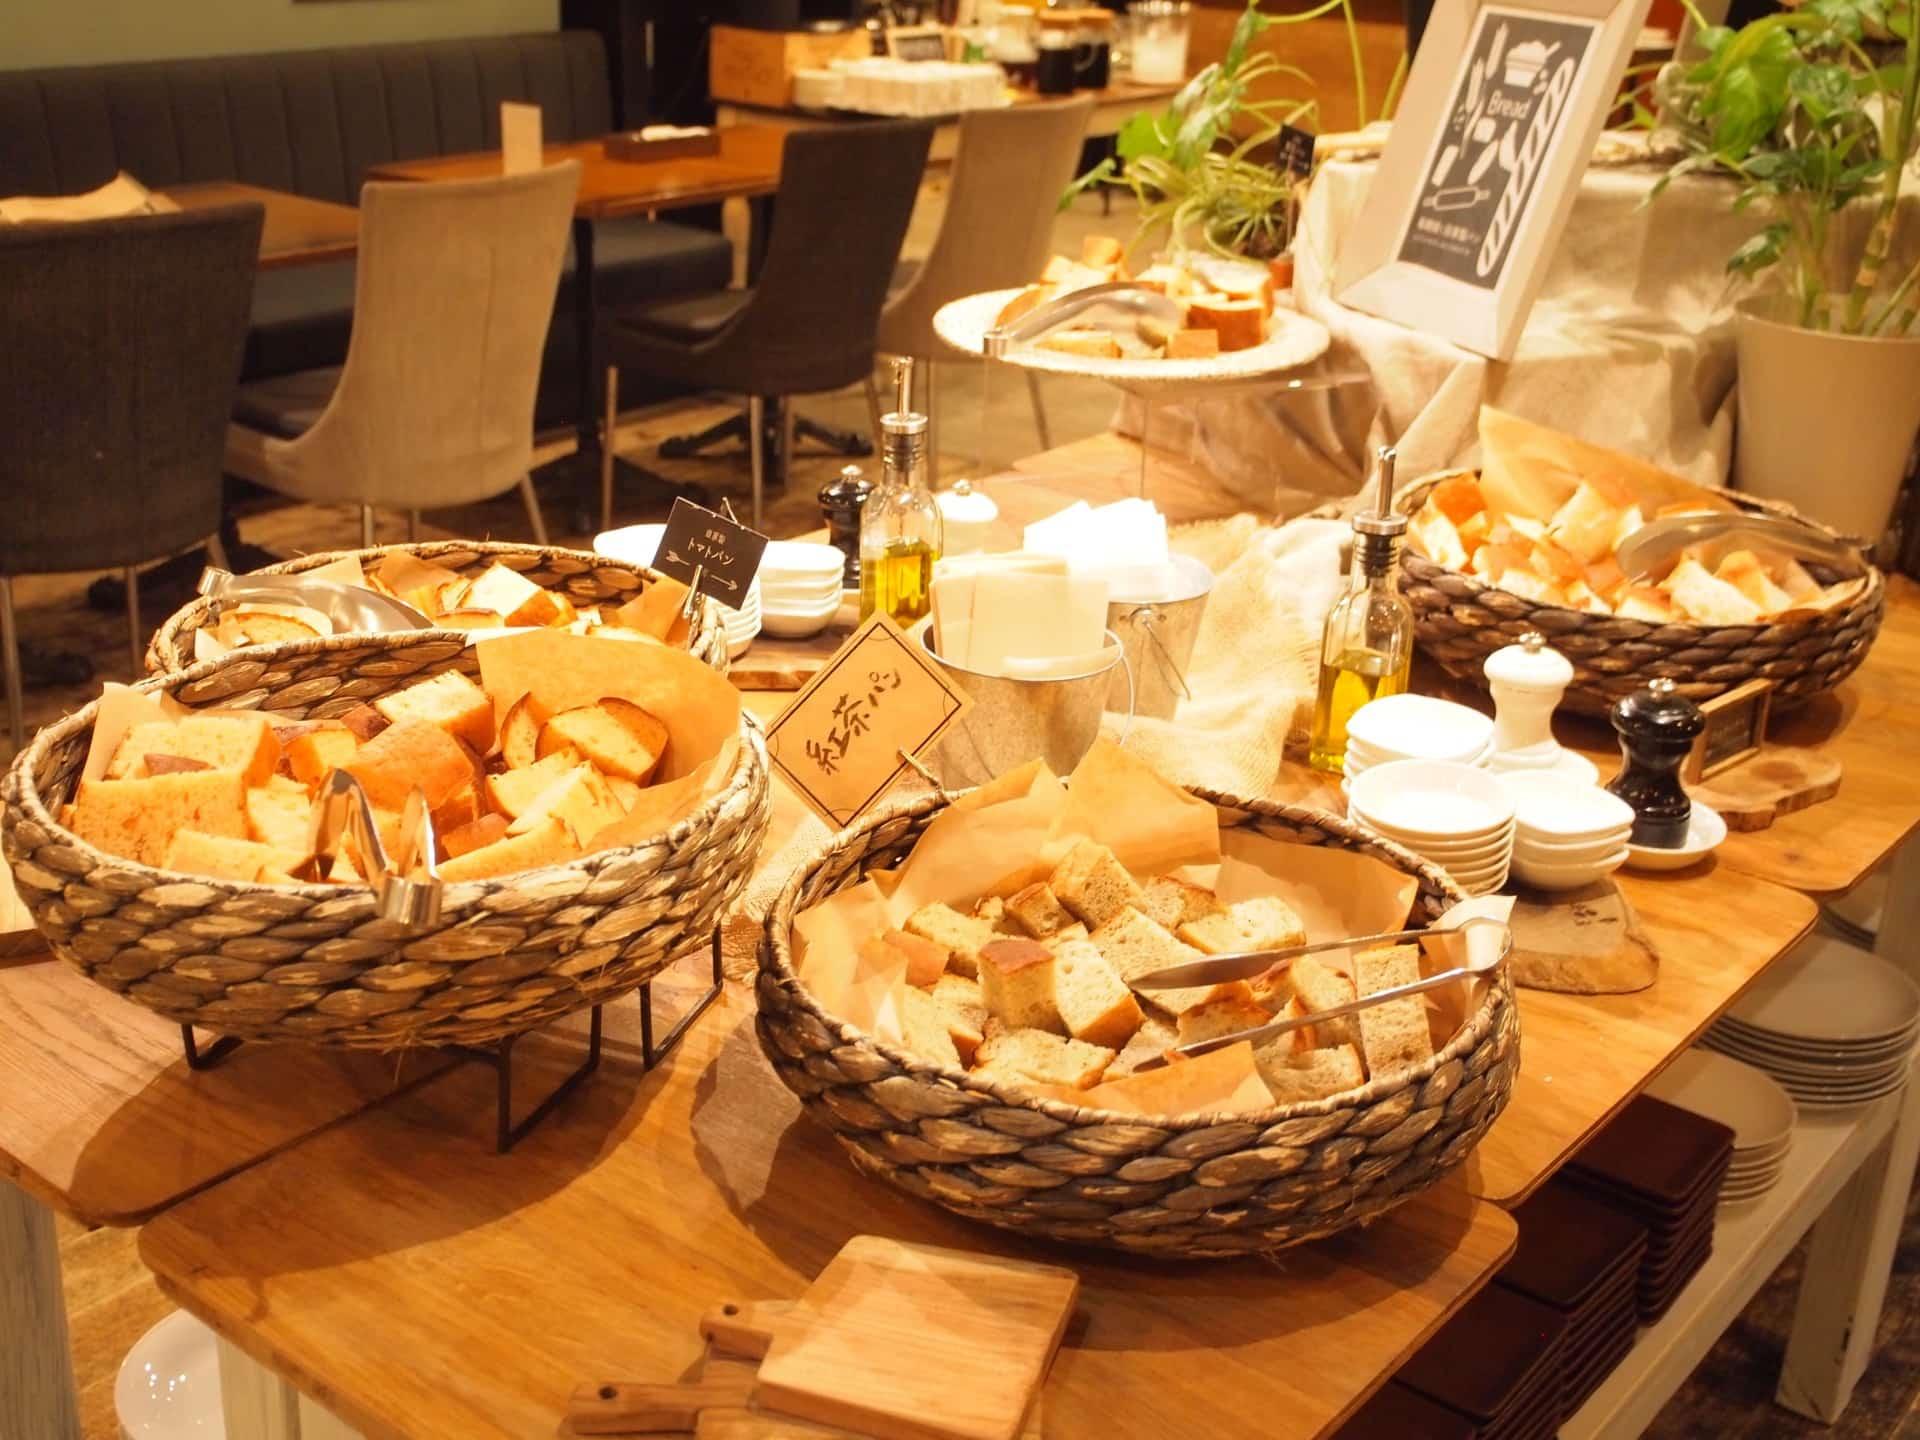 メゾンパタジェ − 神戸・三宮のおしゃれな空間でパン食べ放題ランチ。二次会でも人気のお店